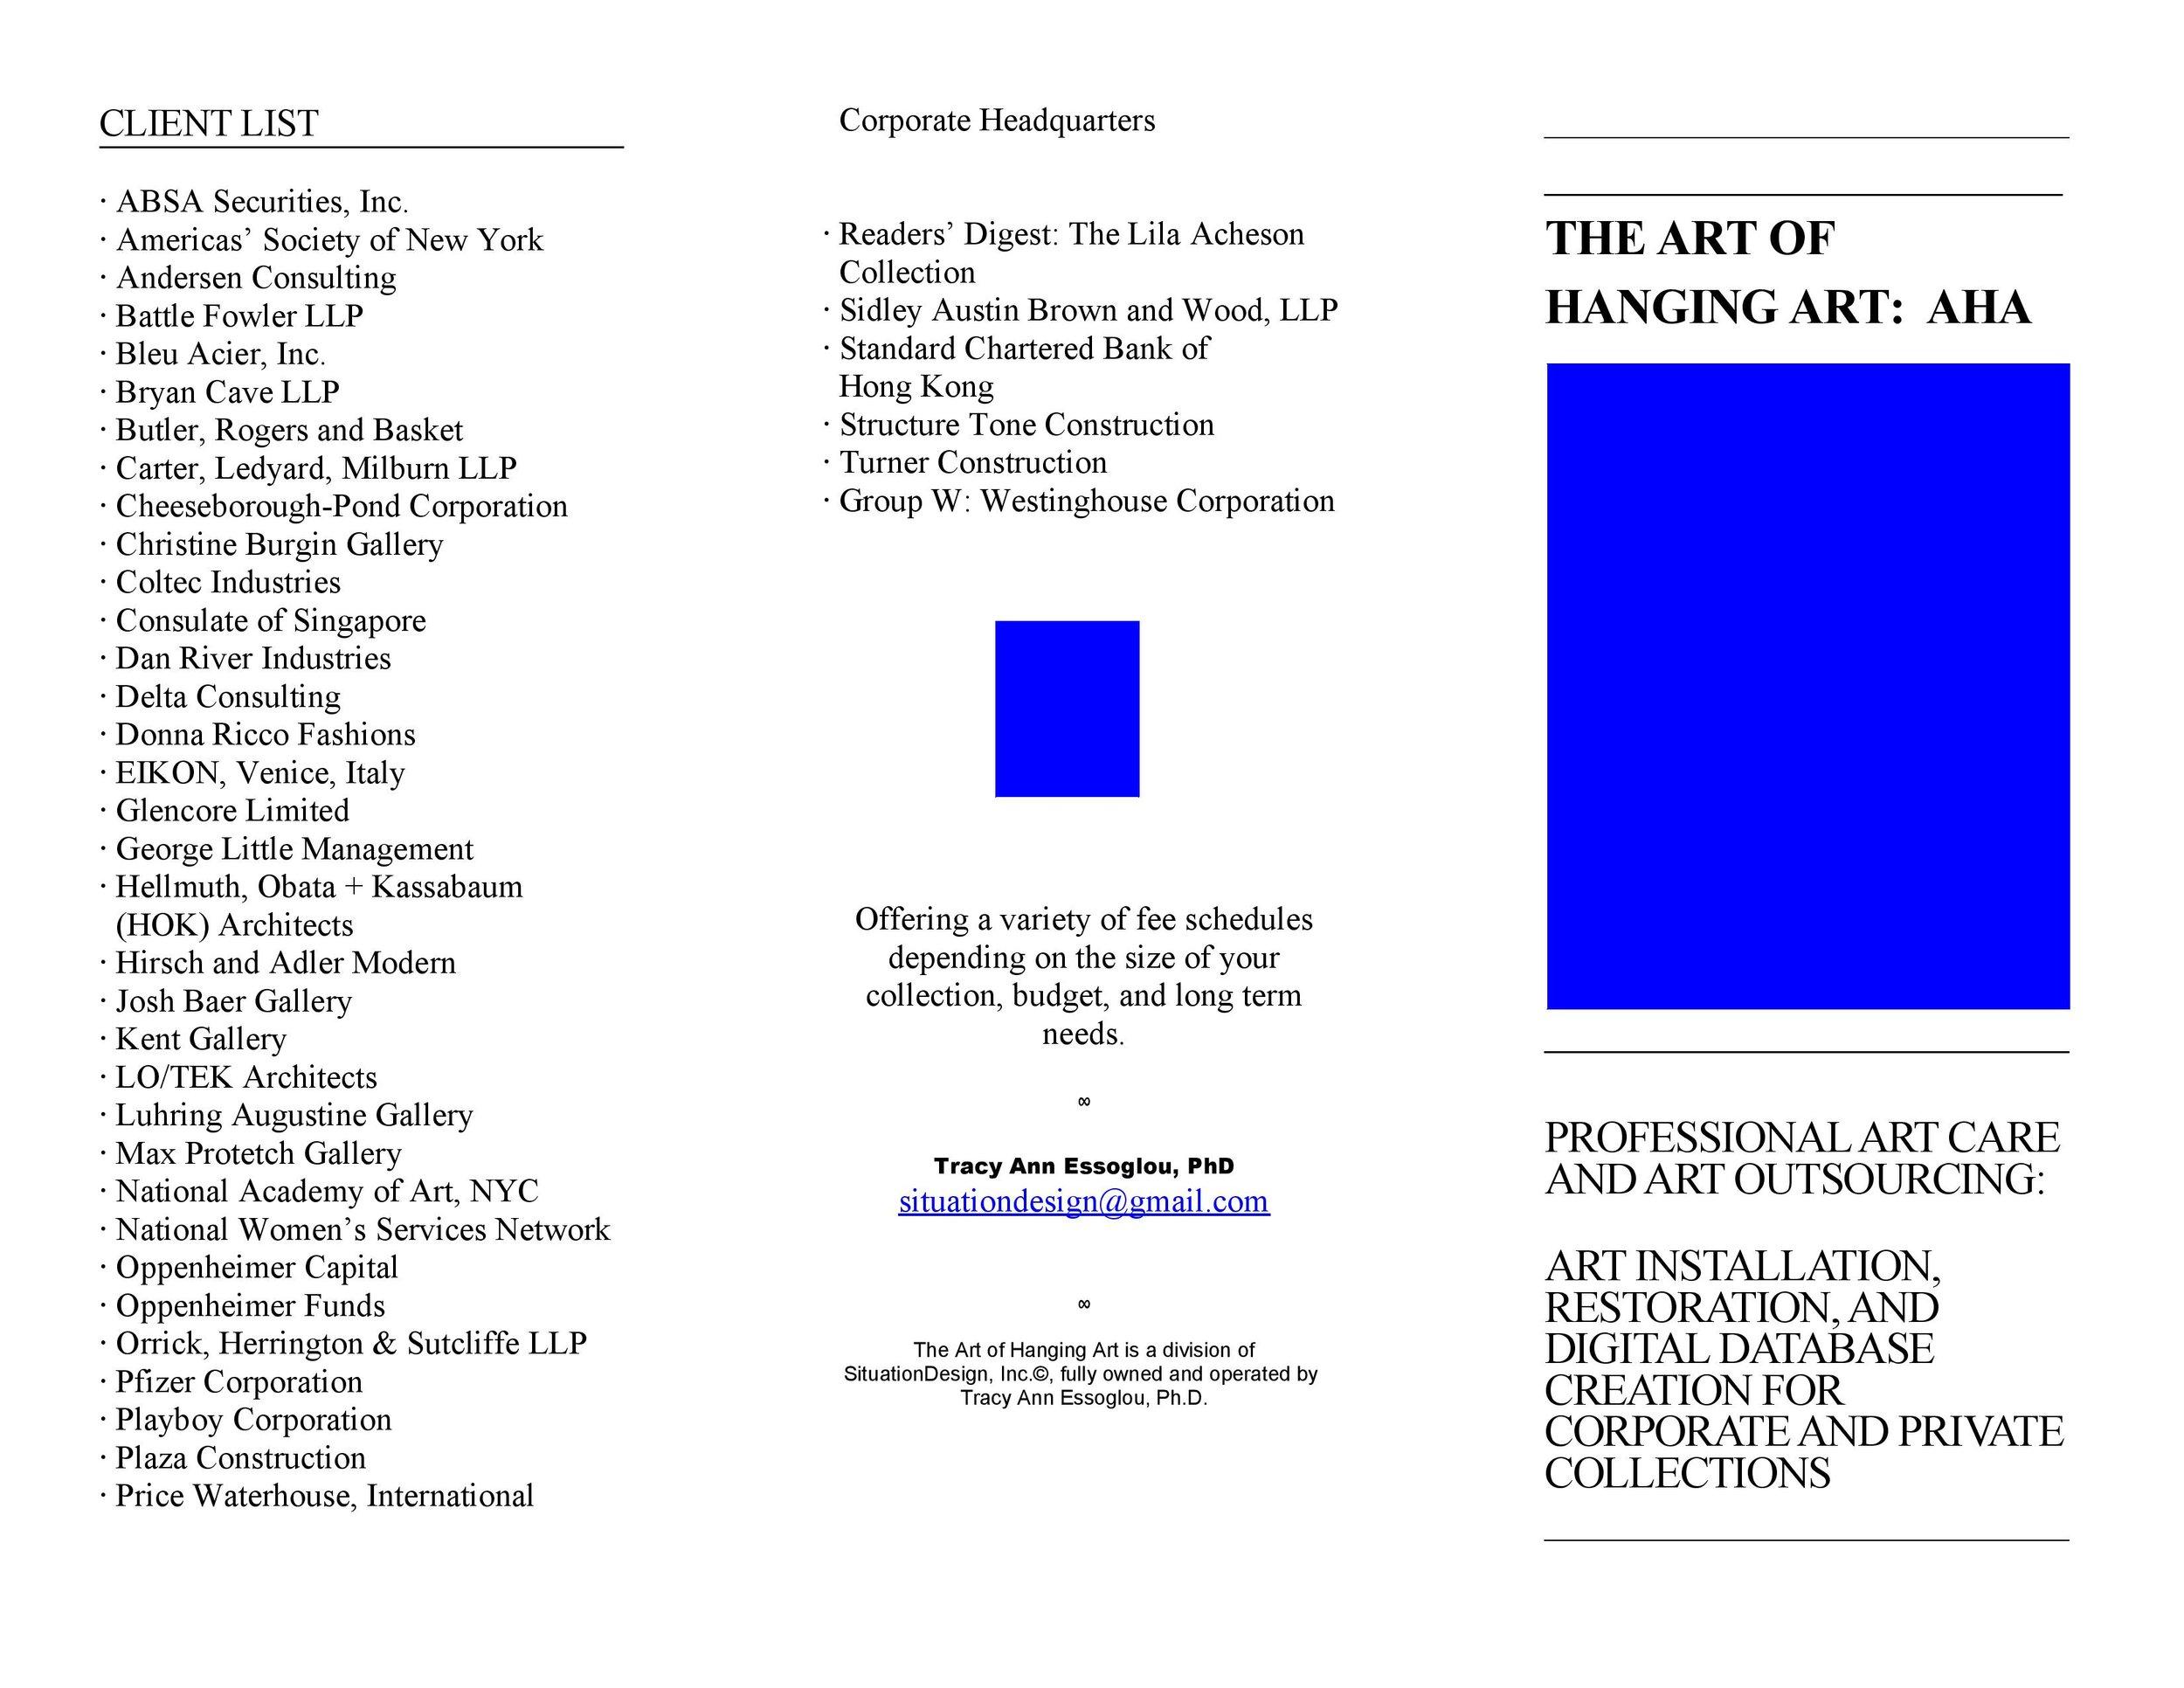 Brochure exterior: AHA: The Art of Hanging Art